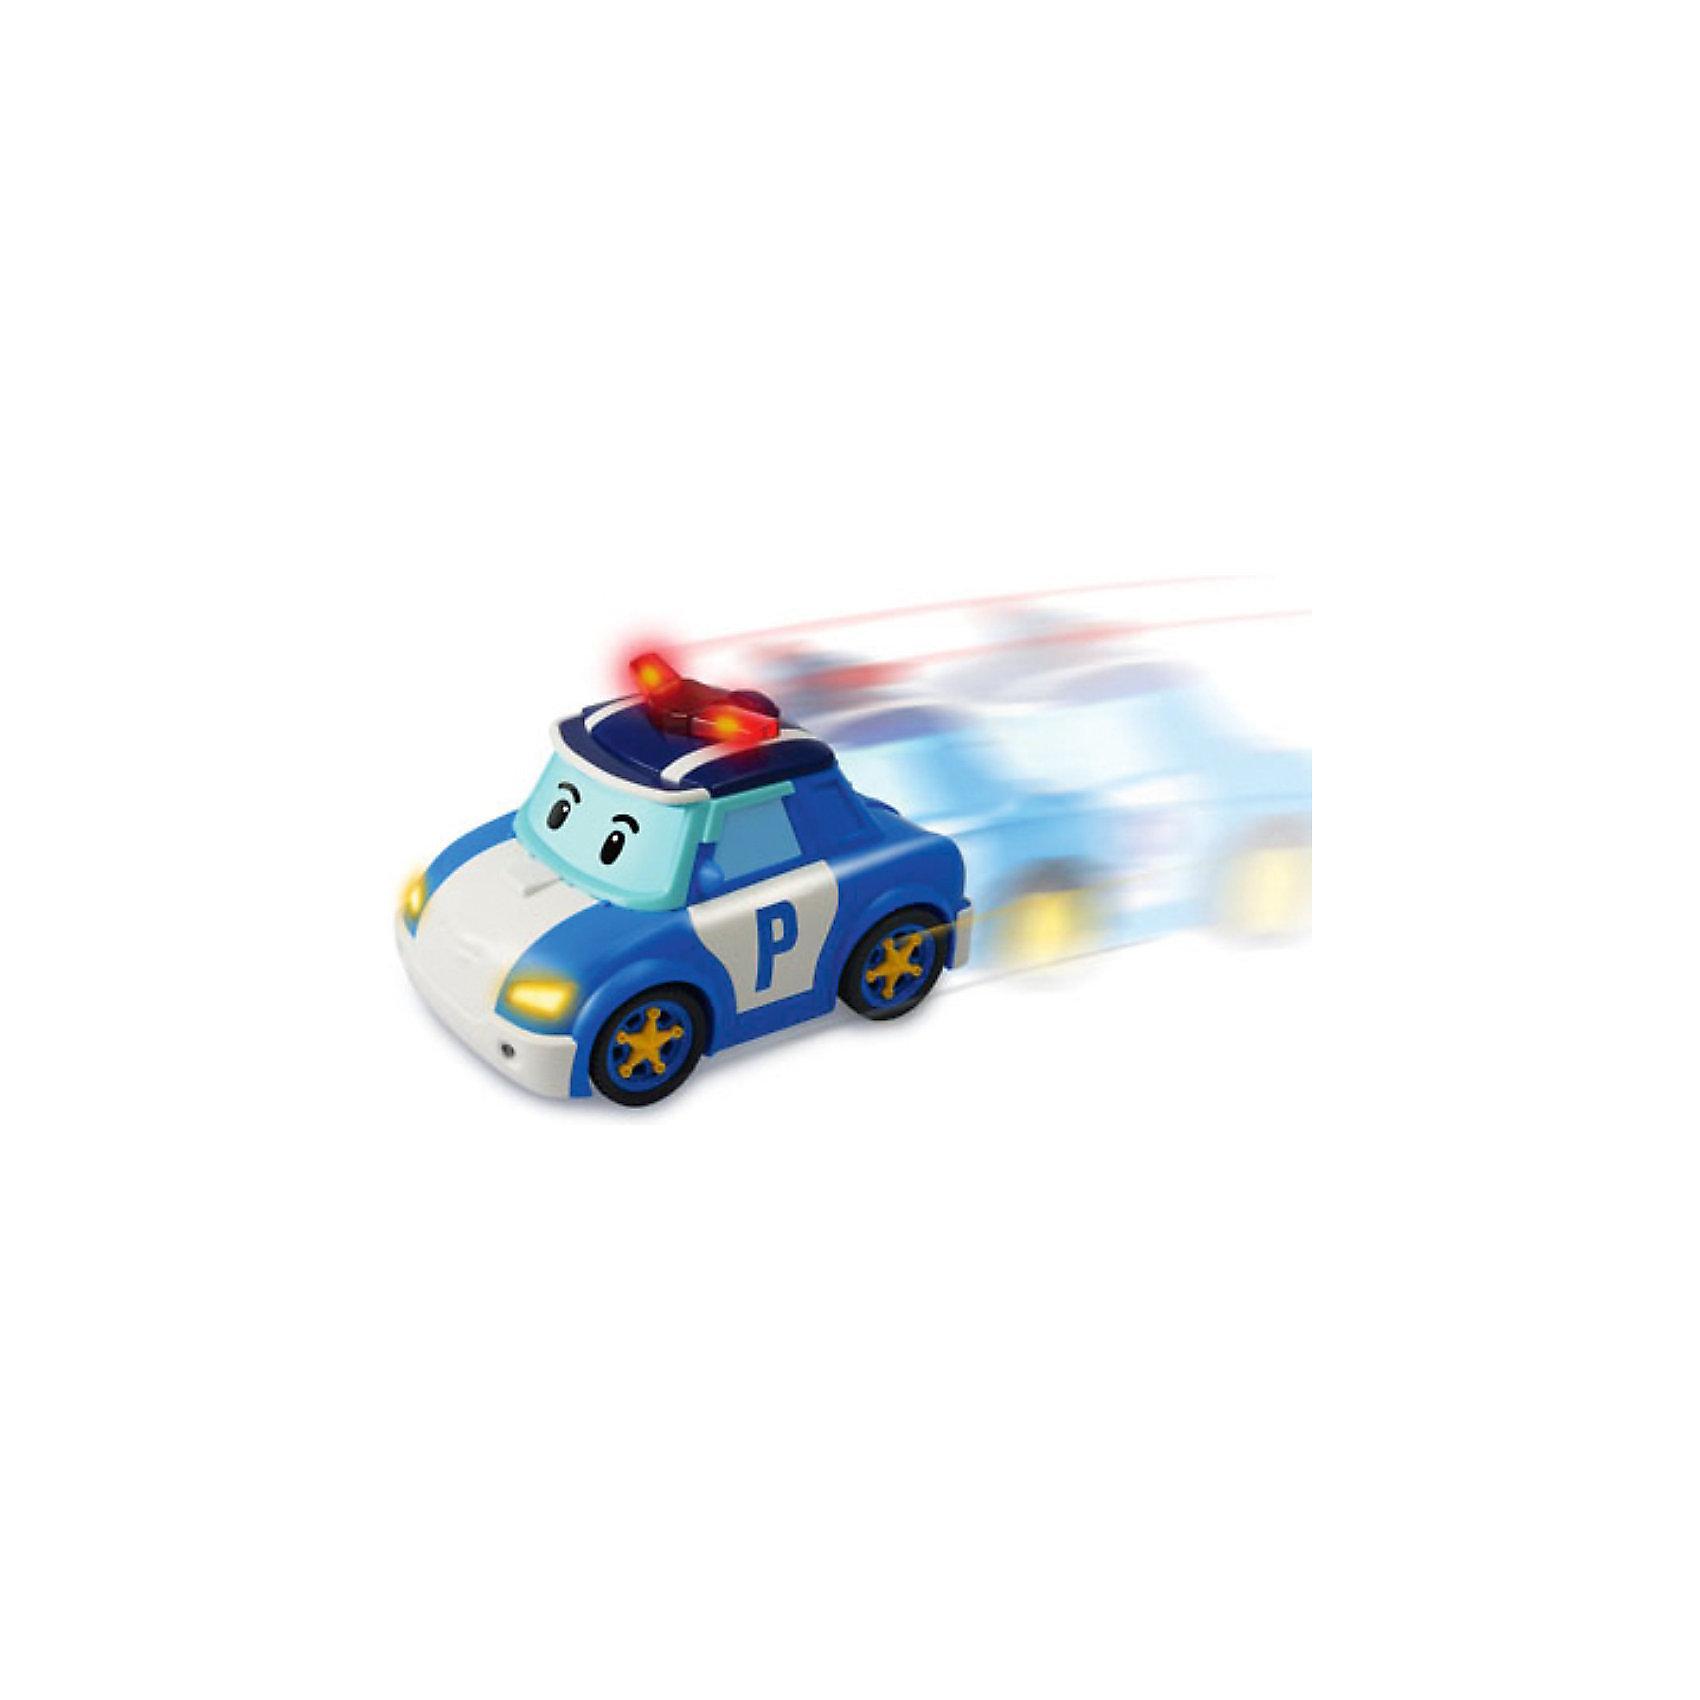 Поли - следуй за мной! на р/у, Робокар ПолиИгрушки<br>Машинка - герой известного и любимого мультфильма Robocar Poli. Принцип действия игрушки состоит во влиянии инфракрасного излучения в прилагаемом жезле на ИК-порт в машинке, которое заставляет ее двигаться за источником инфракрасного света. Аккуратно двигаясь между городскими объектами, направляемый жезлом полицейский Поли быстро и без ущерба доберется до места чрезвычайного происшествия. Прекрасная интерактивная машинка доставит много радости вашему ребенку. Научит его быть более внимательным, поможет изучить правила дорожного движения. <br><br>Дополнительная информация:<br><br>- Комплектация:  машинка, ИК- жезл<br>- Работает от 4 батареек АА. В комплект не входят.<br>- Материал: пластик, металл<br>- Радиоуправляемая<br>- Элементы питания: 4 батарейки типа AAA и 1 батарейка 6LR61-9V (приобретаются отдельно)<br>- Машина может двигаться в разных направлениях<br><br>Поли - следуй за мной! (на р/у, Робокар Поли) можно купить в нашем магазине.<br><br>Ширина мм: 240<br>Глубина мм: 180<br>Высота мм: 360<br>Вес г: 1171<br>Возраст от месяцев: 36<br>Возраст до месяцев: 84<br>Пол: Мужской<br>Возраст: Детский<br>SKU: 3861405